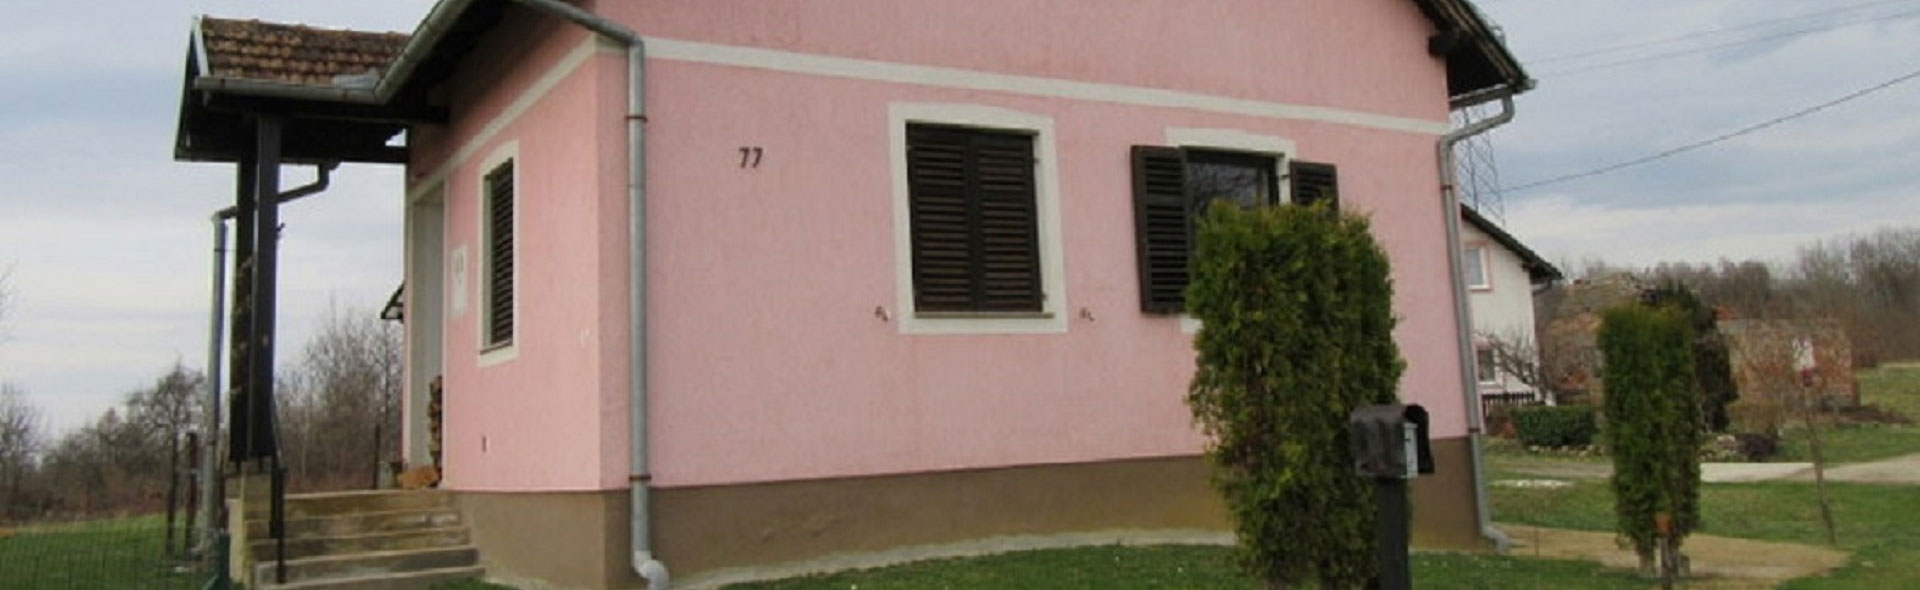 Kuća za prodaju, Petrinja